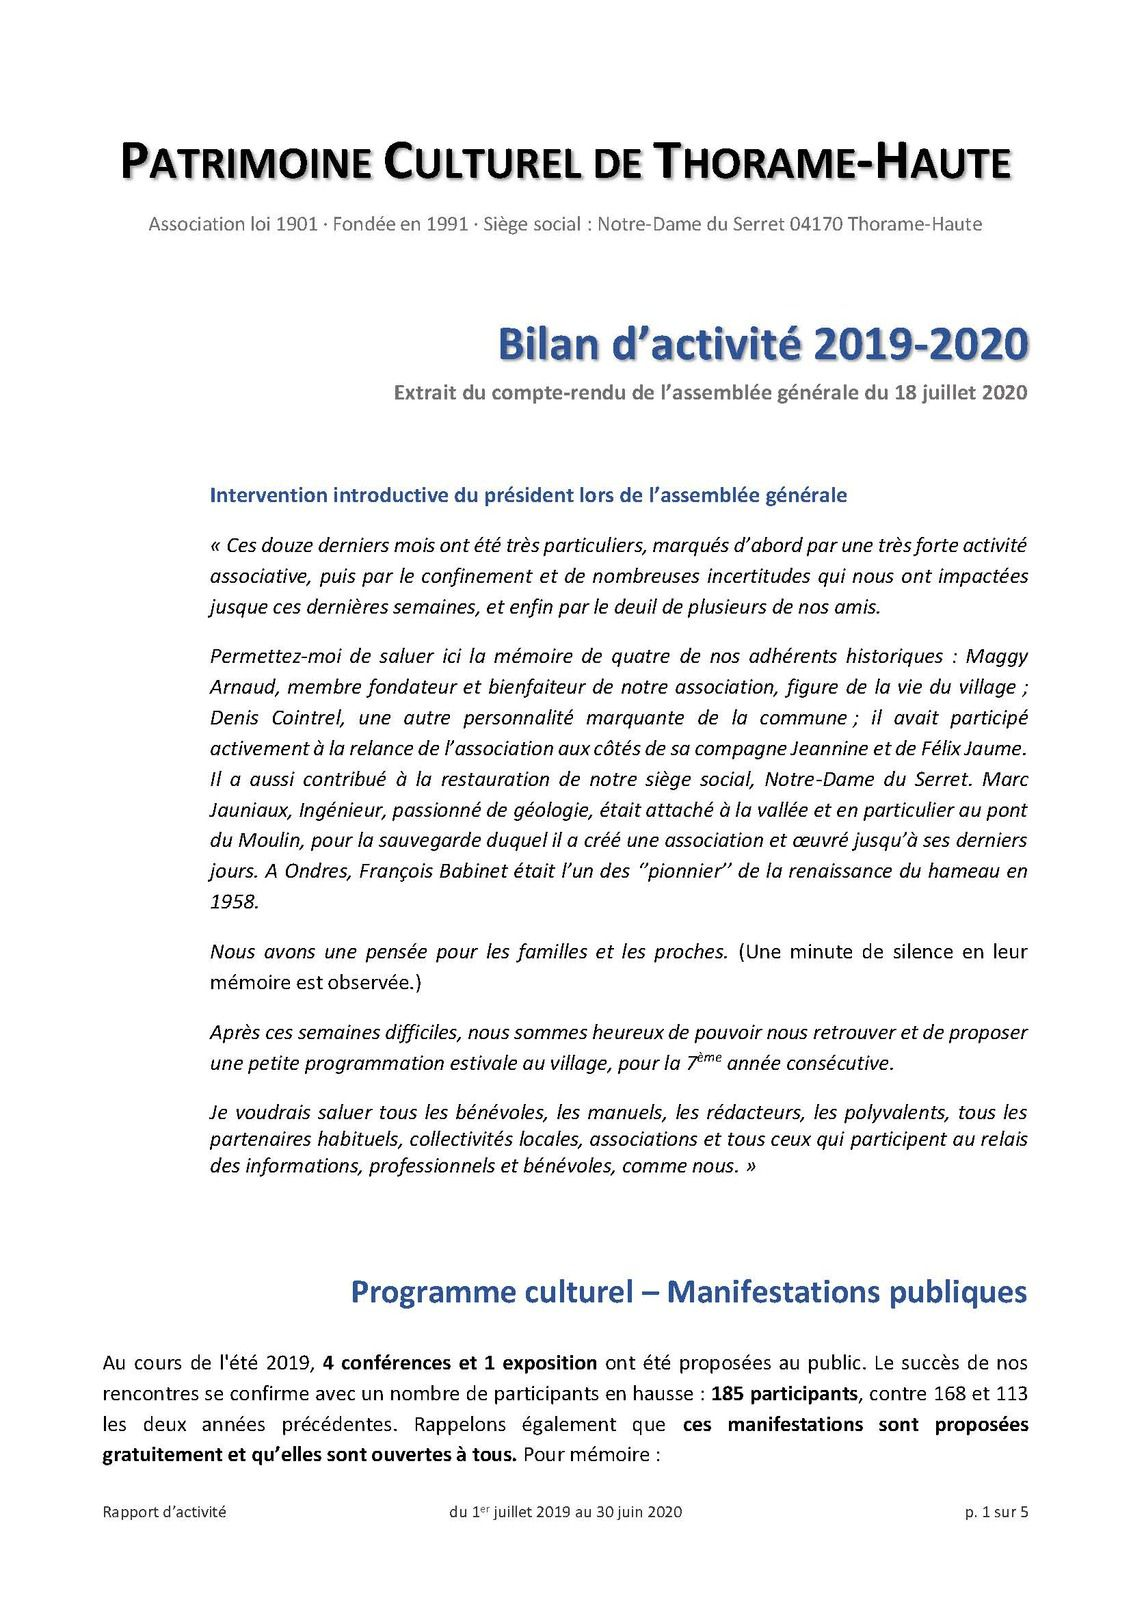 Le bilan d'activité 2019-2020 de l'association du Patrimoine Culturel de Thorame Haute